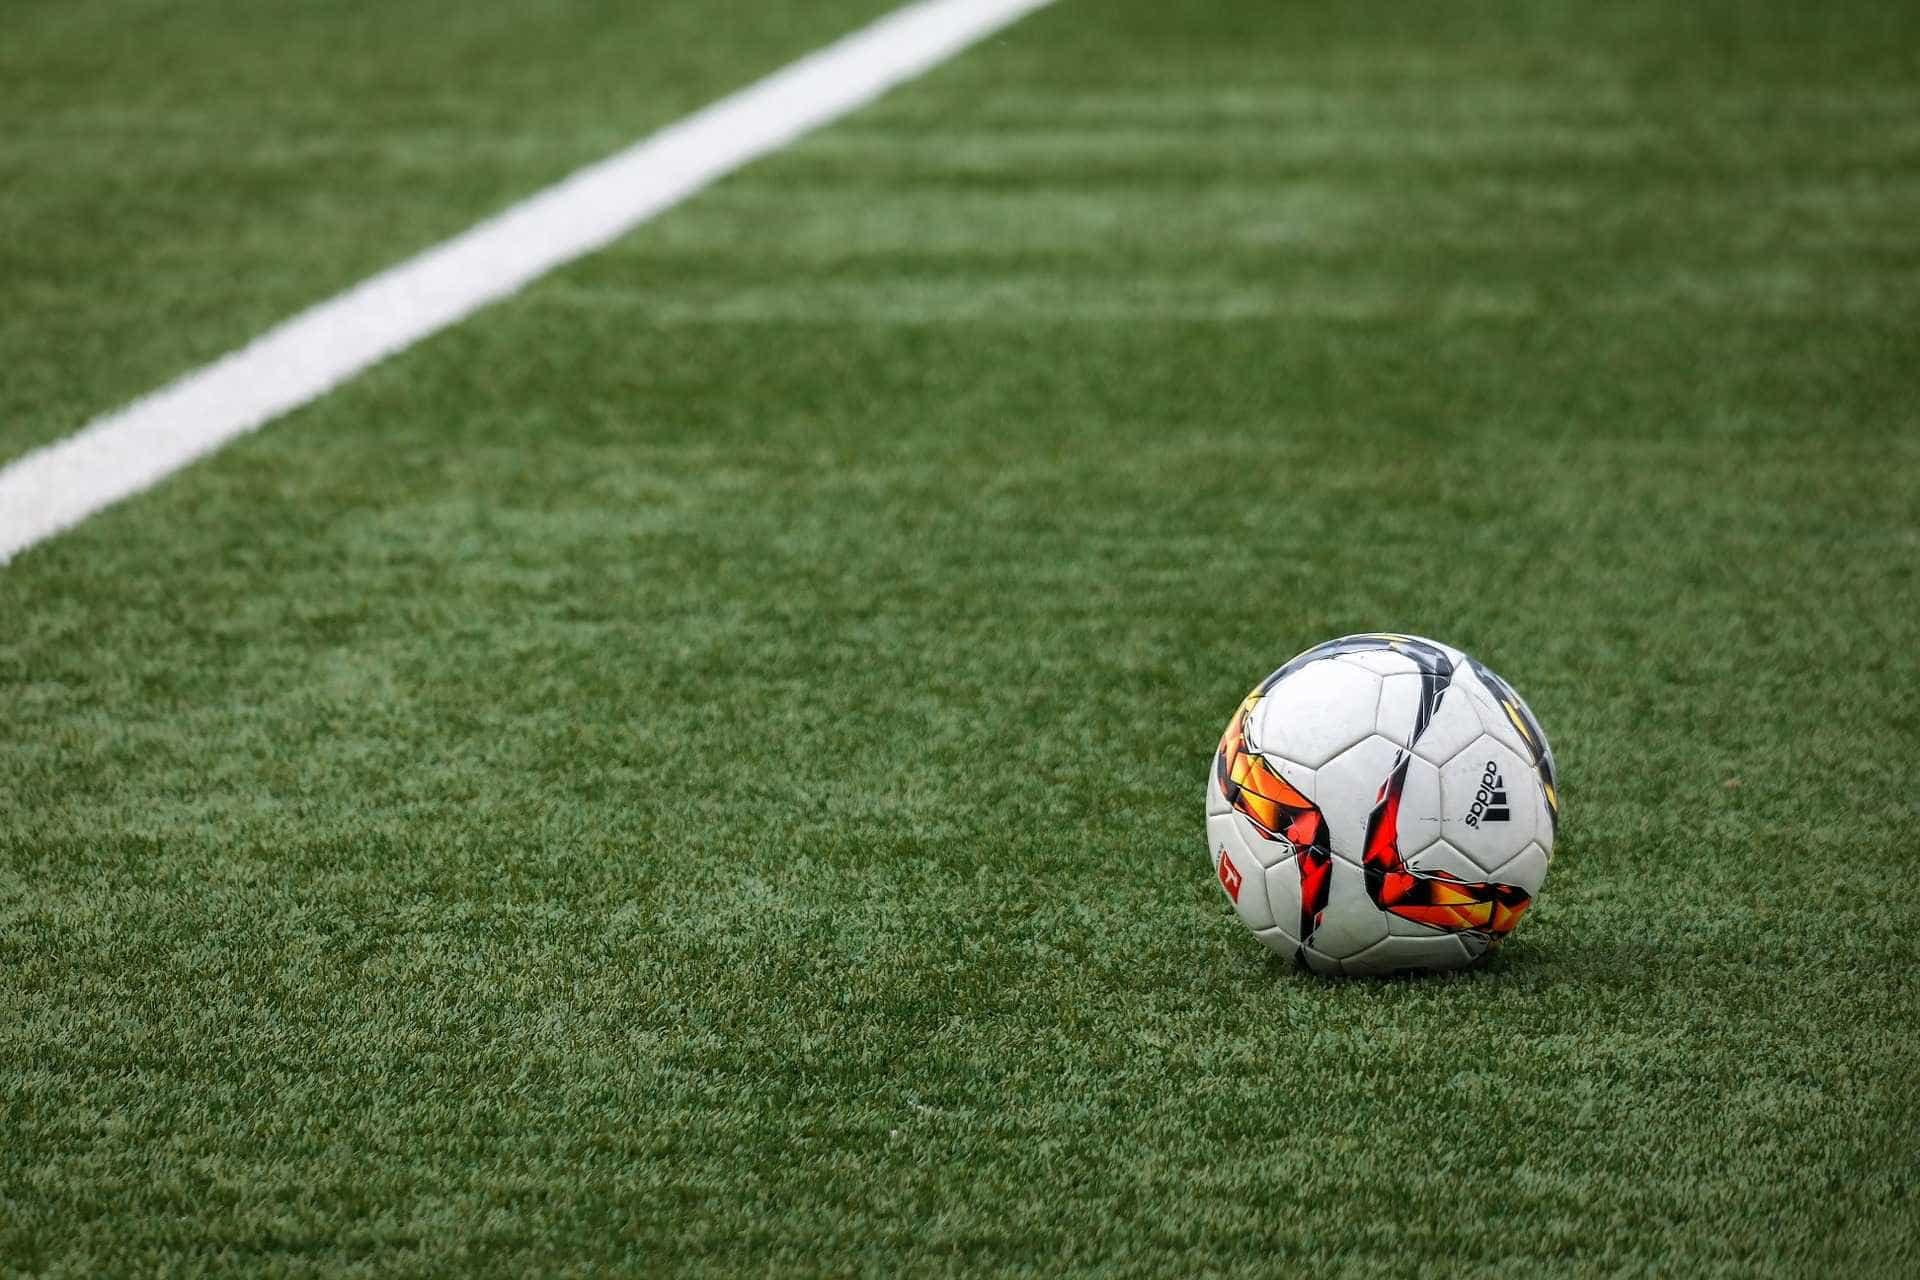 Crias das categorias de base enchem os cofres dos clubes brasileiros